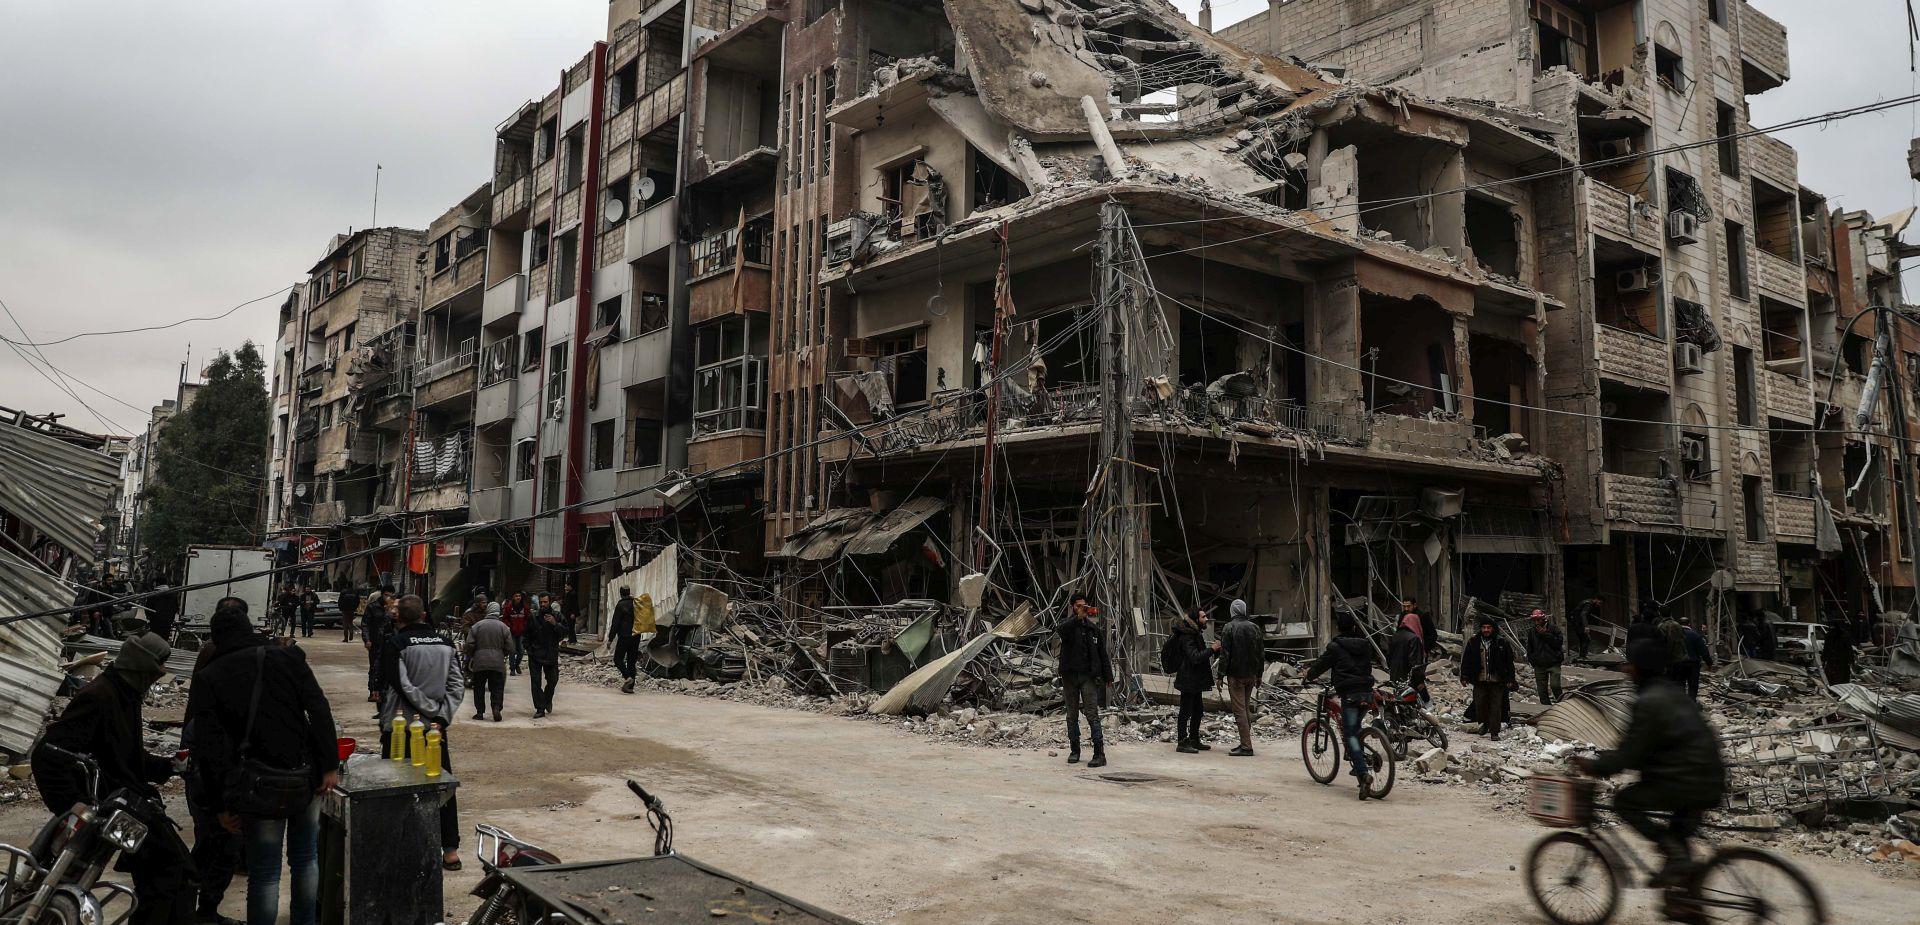 Sirijska vojska osvaja položaje u istočnoj Ghouti